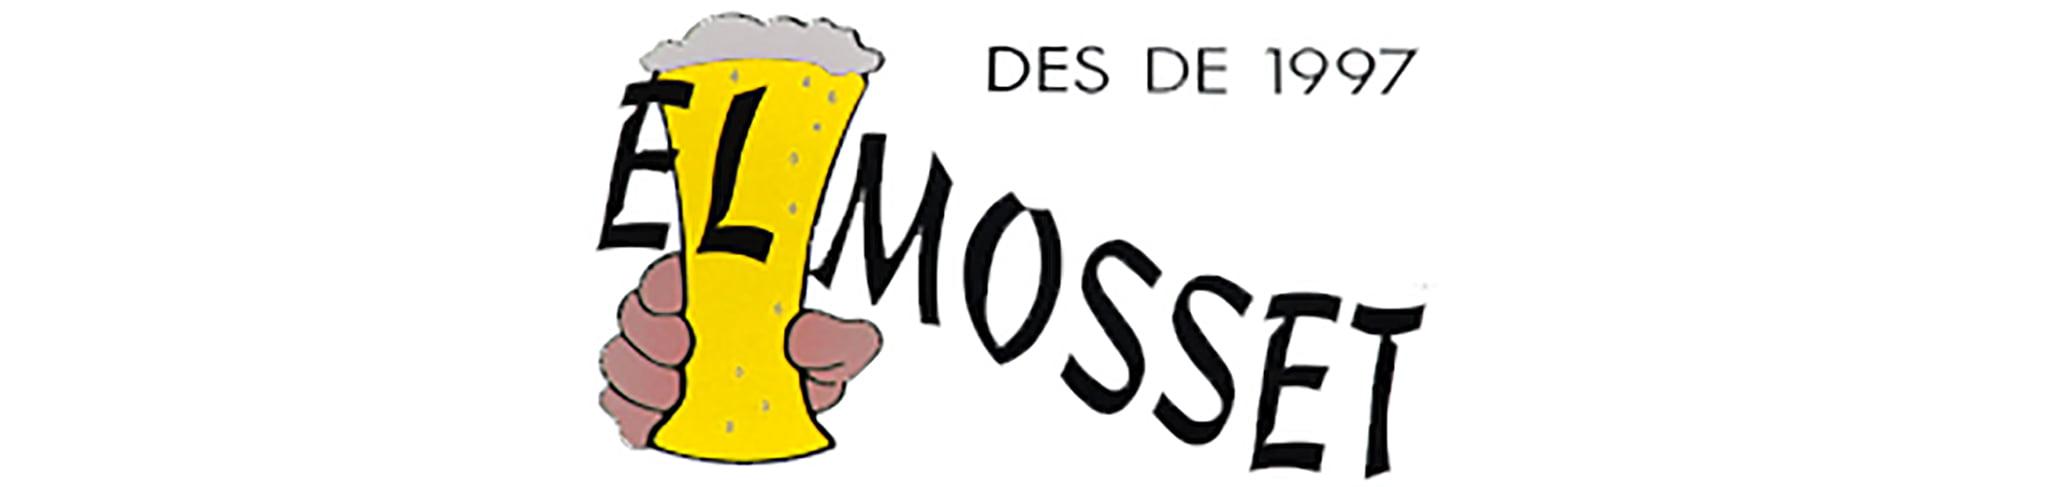 Logotipo El Mosset